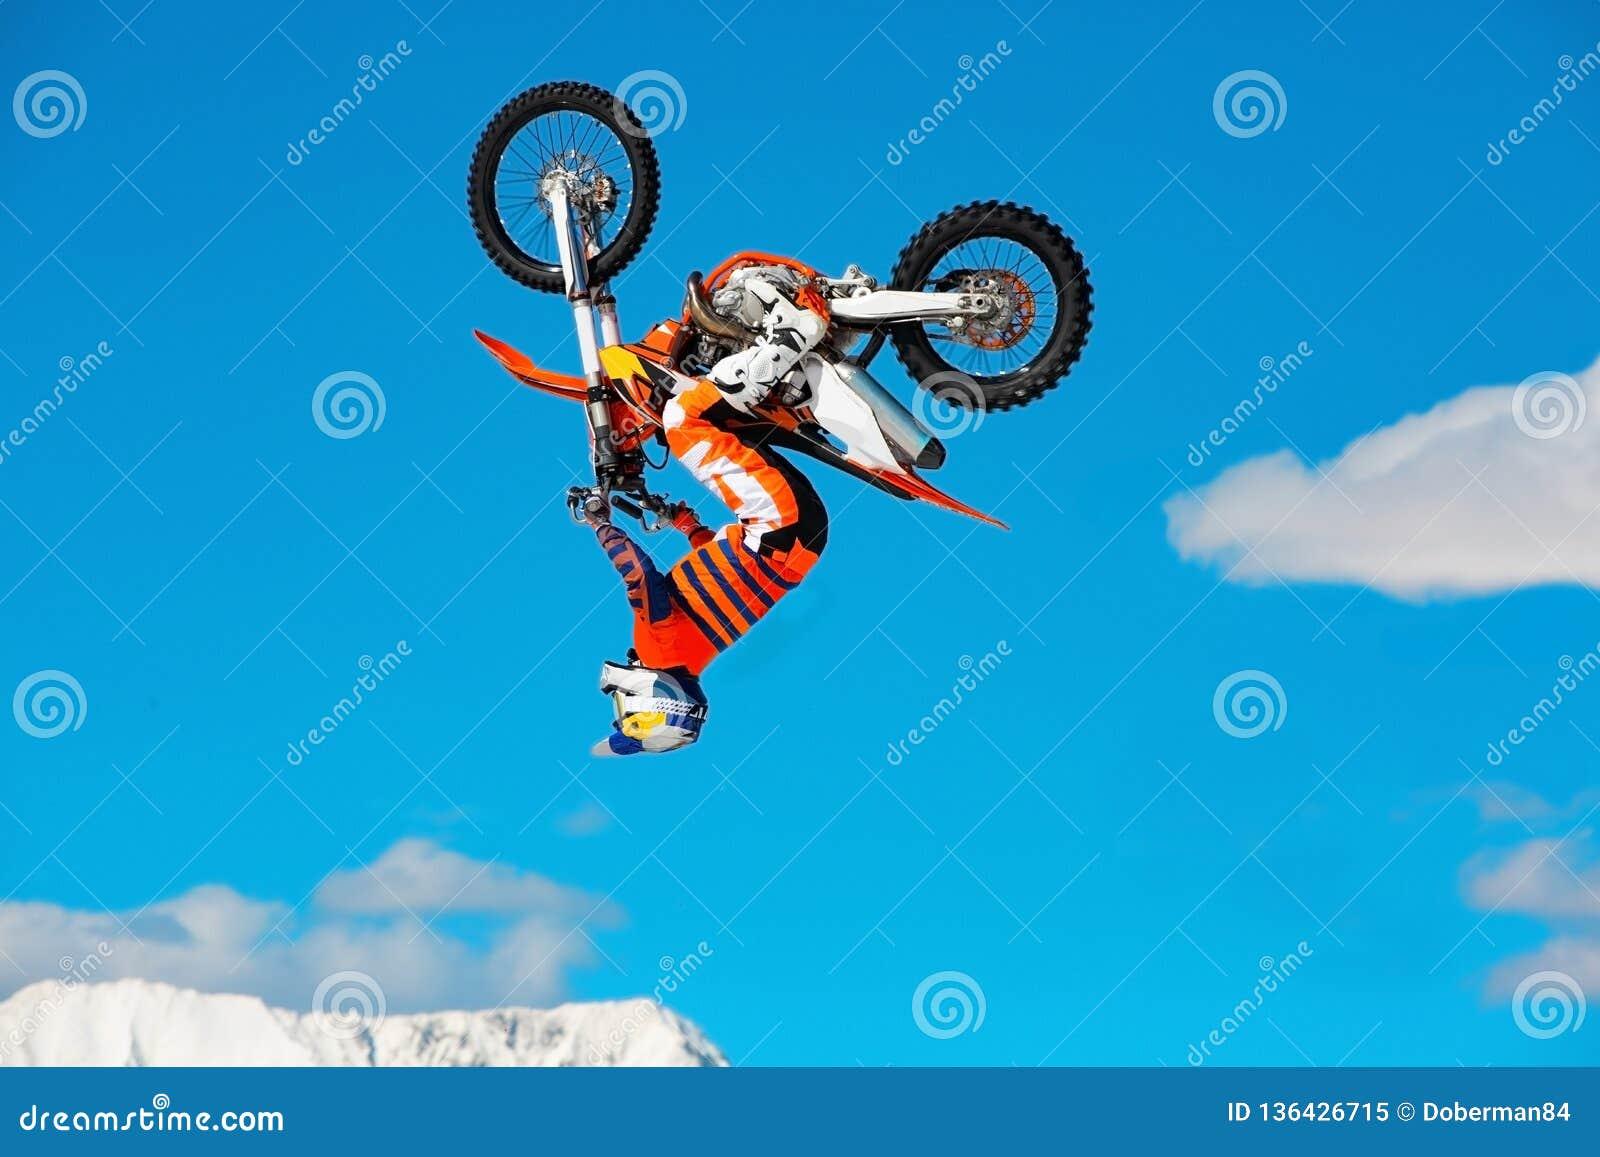 摩托车的竟赛者在跳板在飞行中参加横越全国的摩托车越野赛,跳并且离开反对天空